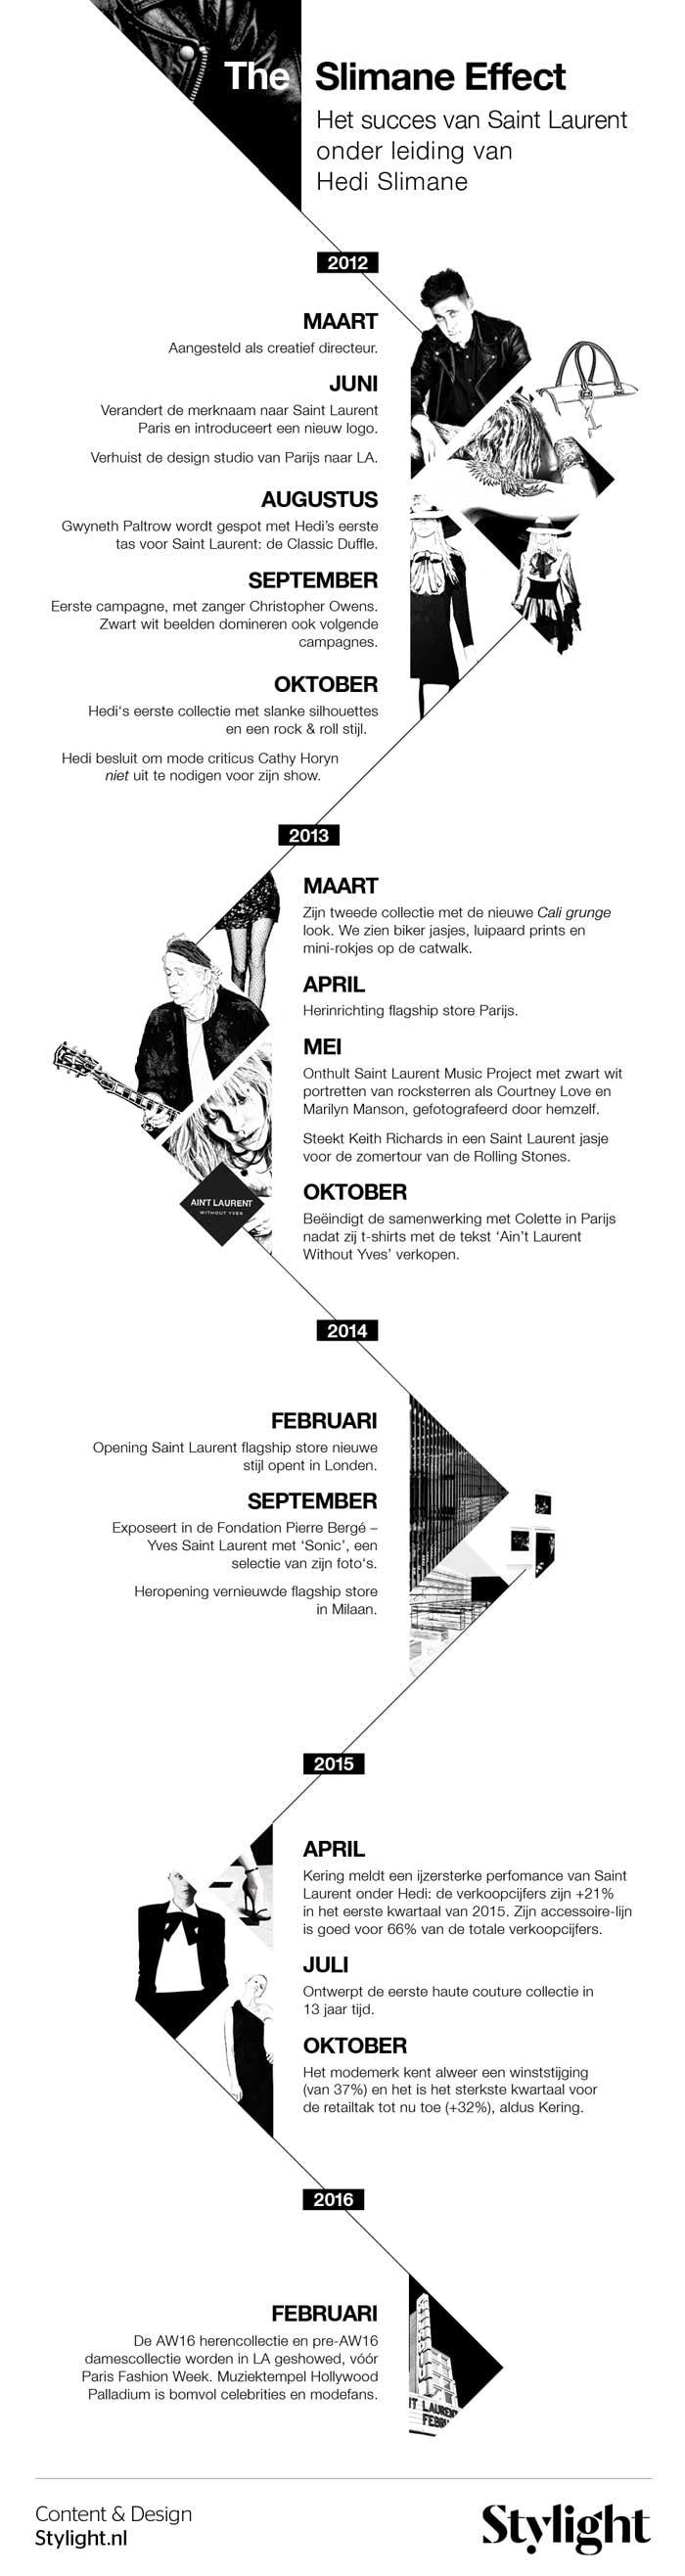 Infographic - Hedi Slimane verlaat Saint Laurent, het Slimane Effect